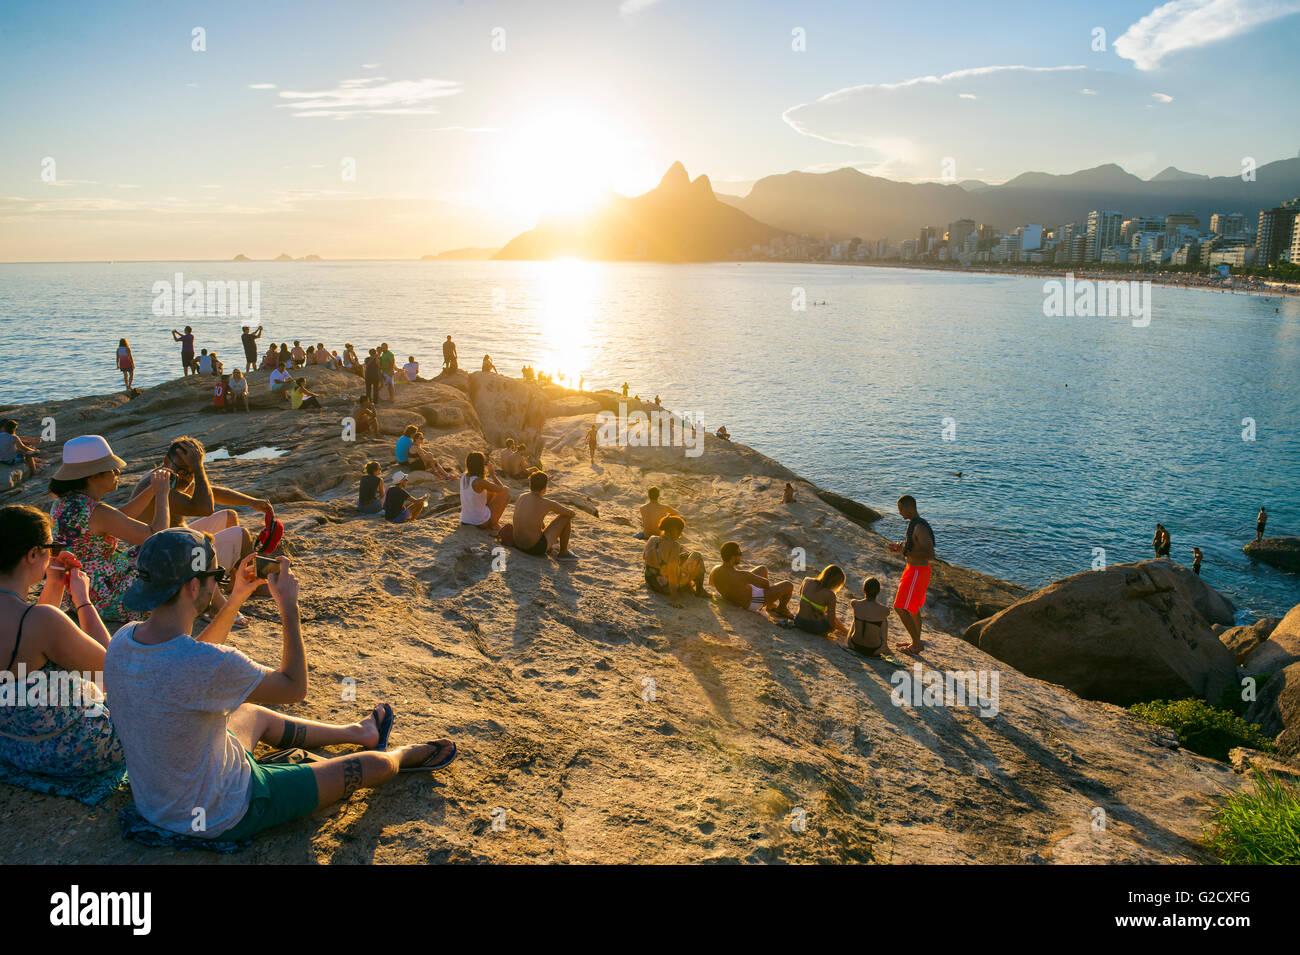 RIO DE JANEIRO - Febbraio 26, 2016: una folla di gente che si riuniscono per ammirare il tramonto sulle rocce al Immagini Stock